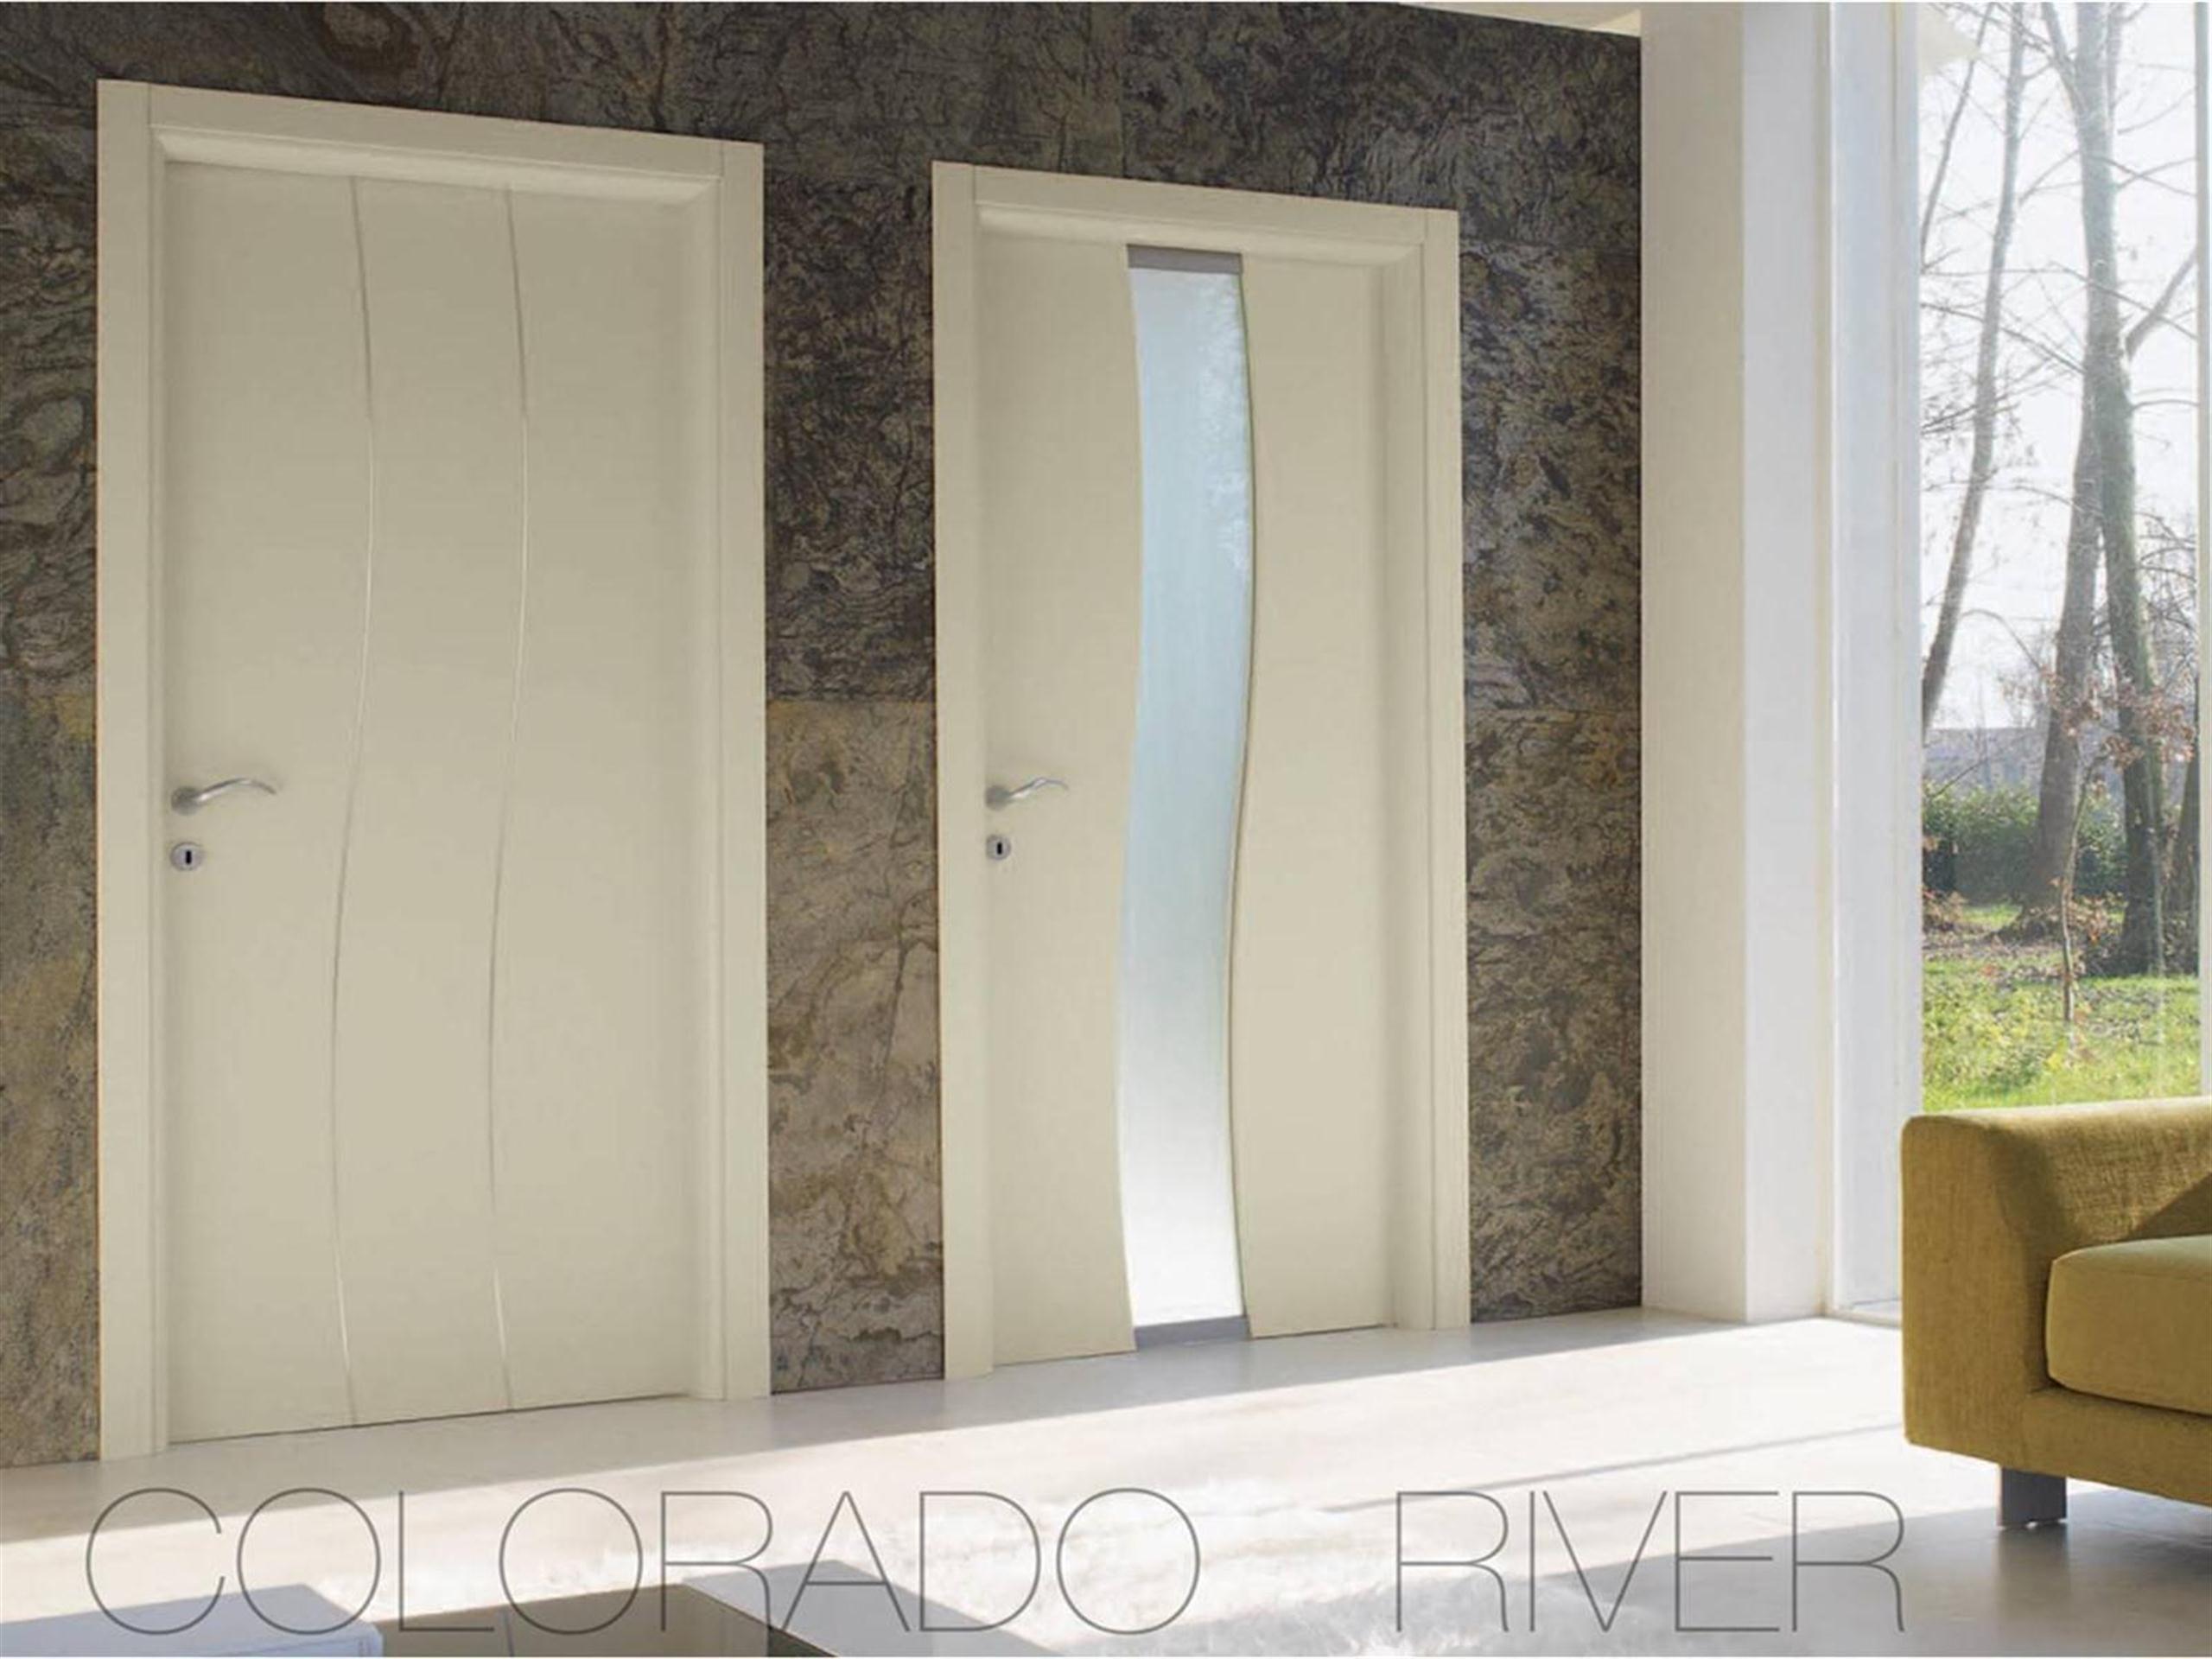 Porte bianche e in legno moderne laccate opaco o lucido nel ...